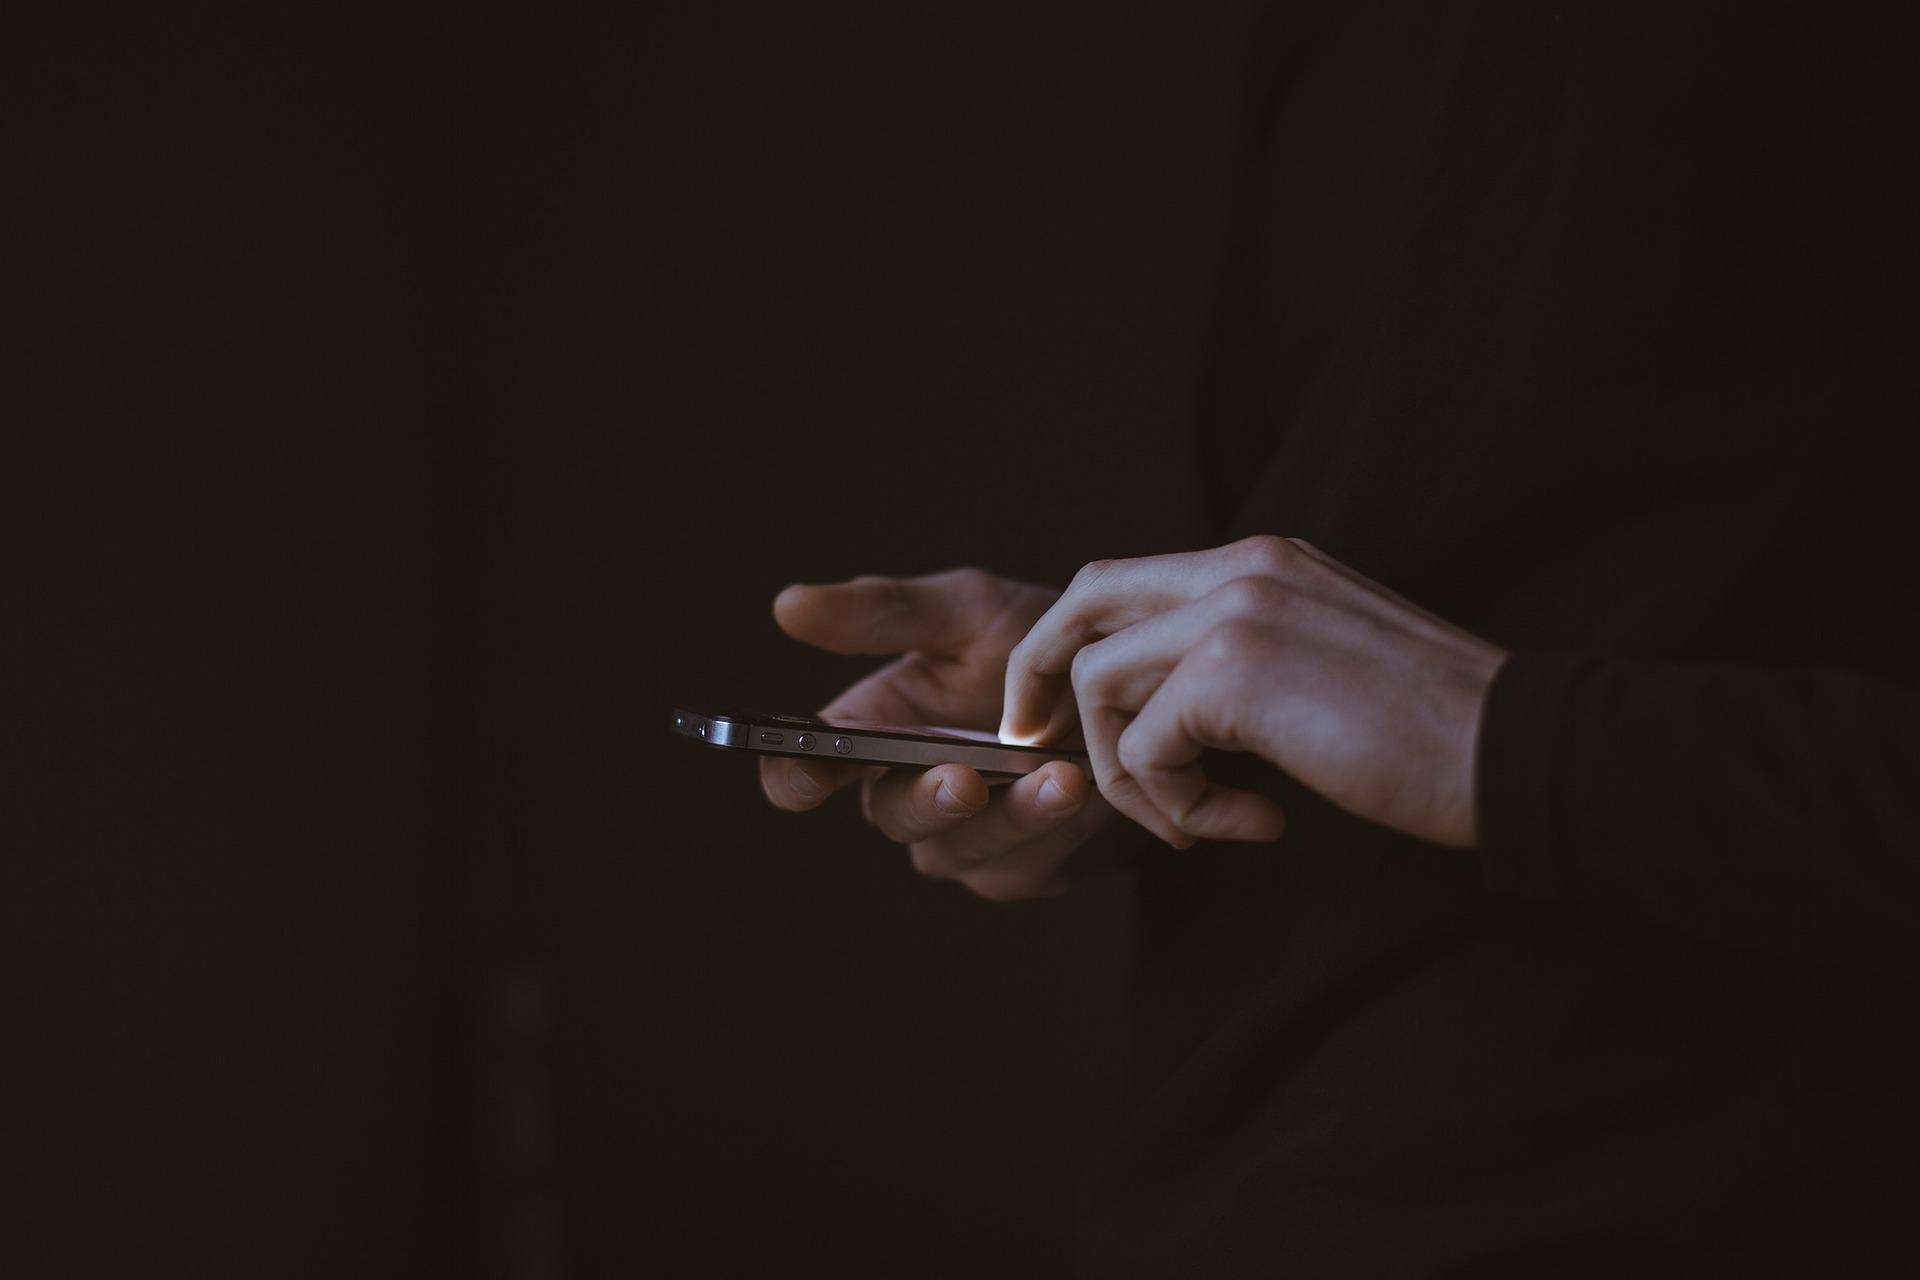 ¿Qué es el secuestro virtual?